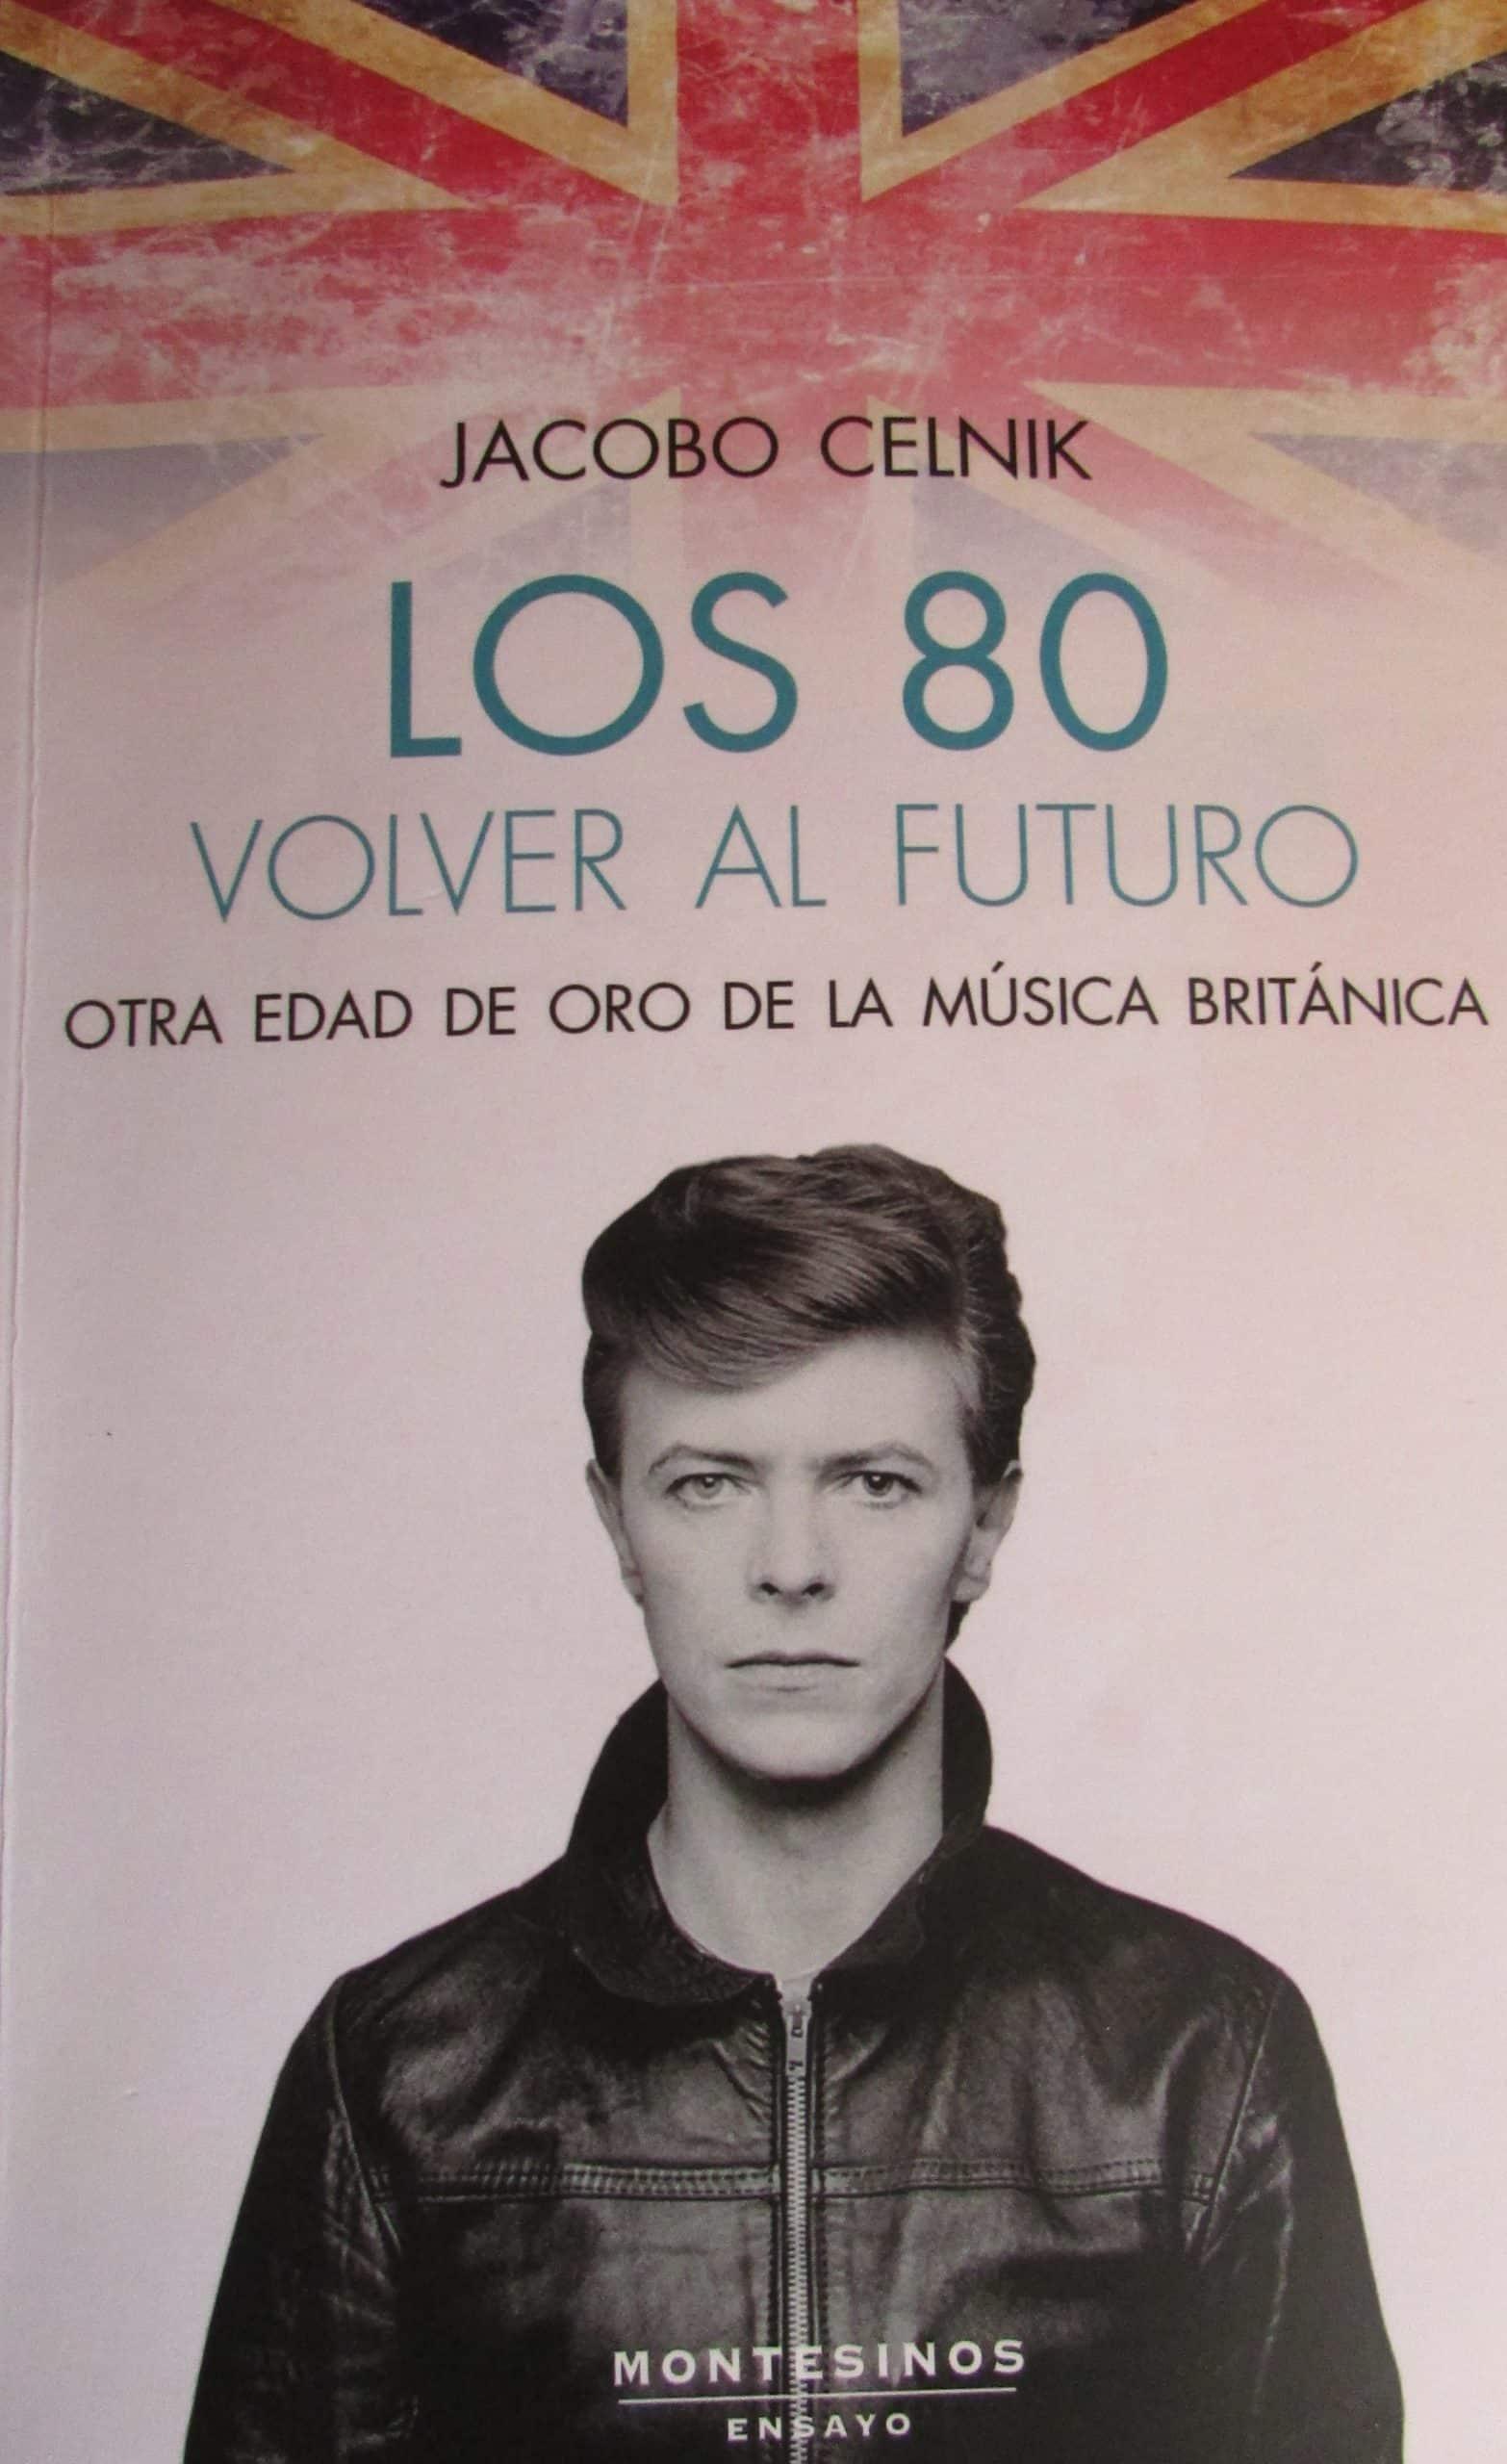 Los 80 volver al futuro. Otra edad de oro de la música británica, de Jacobo Celnik